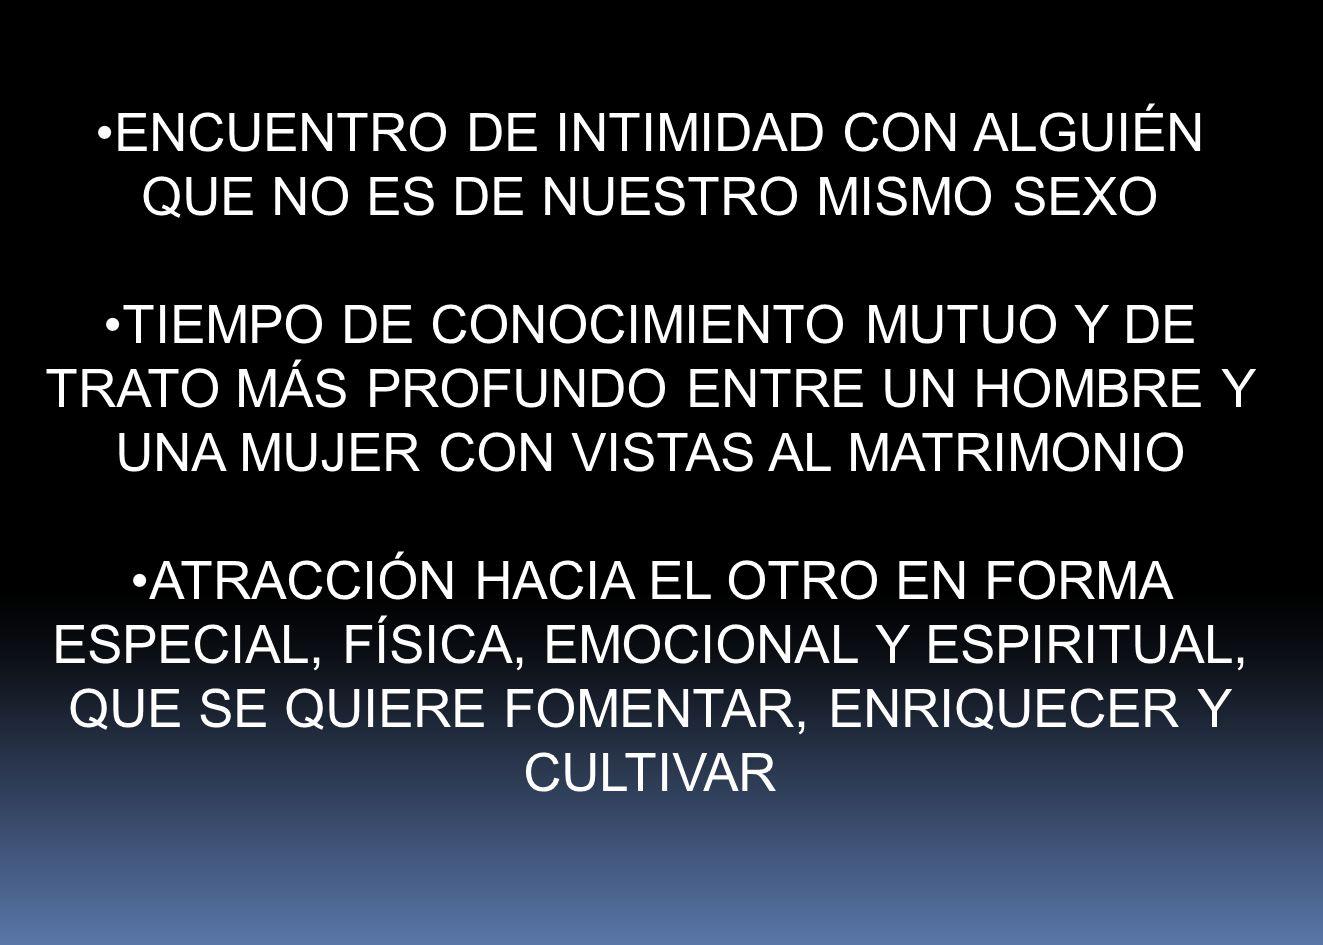 ENCUENTRO DE INTIMIDAD CON ALGUIÉN QUE NO ES DE NUESTRO MISMO SEXO